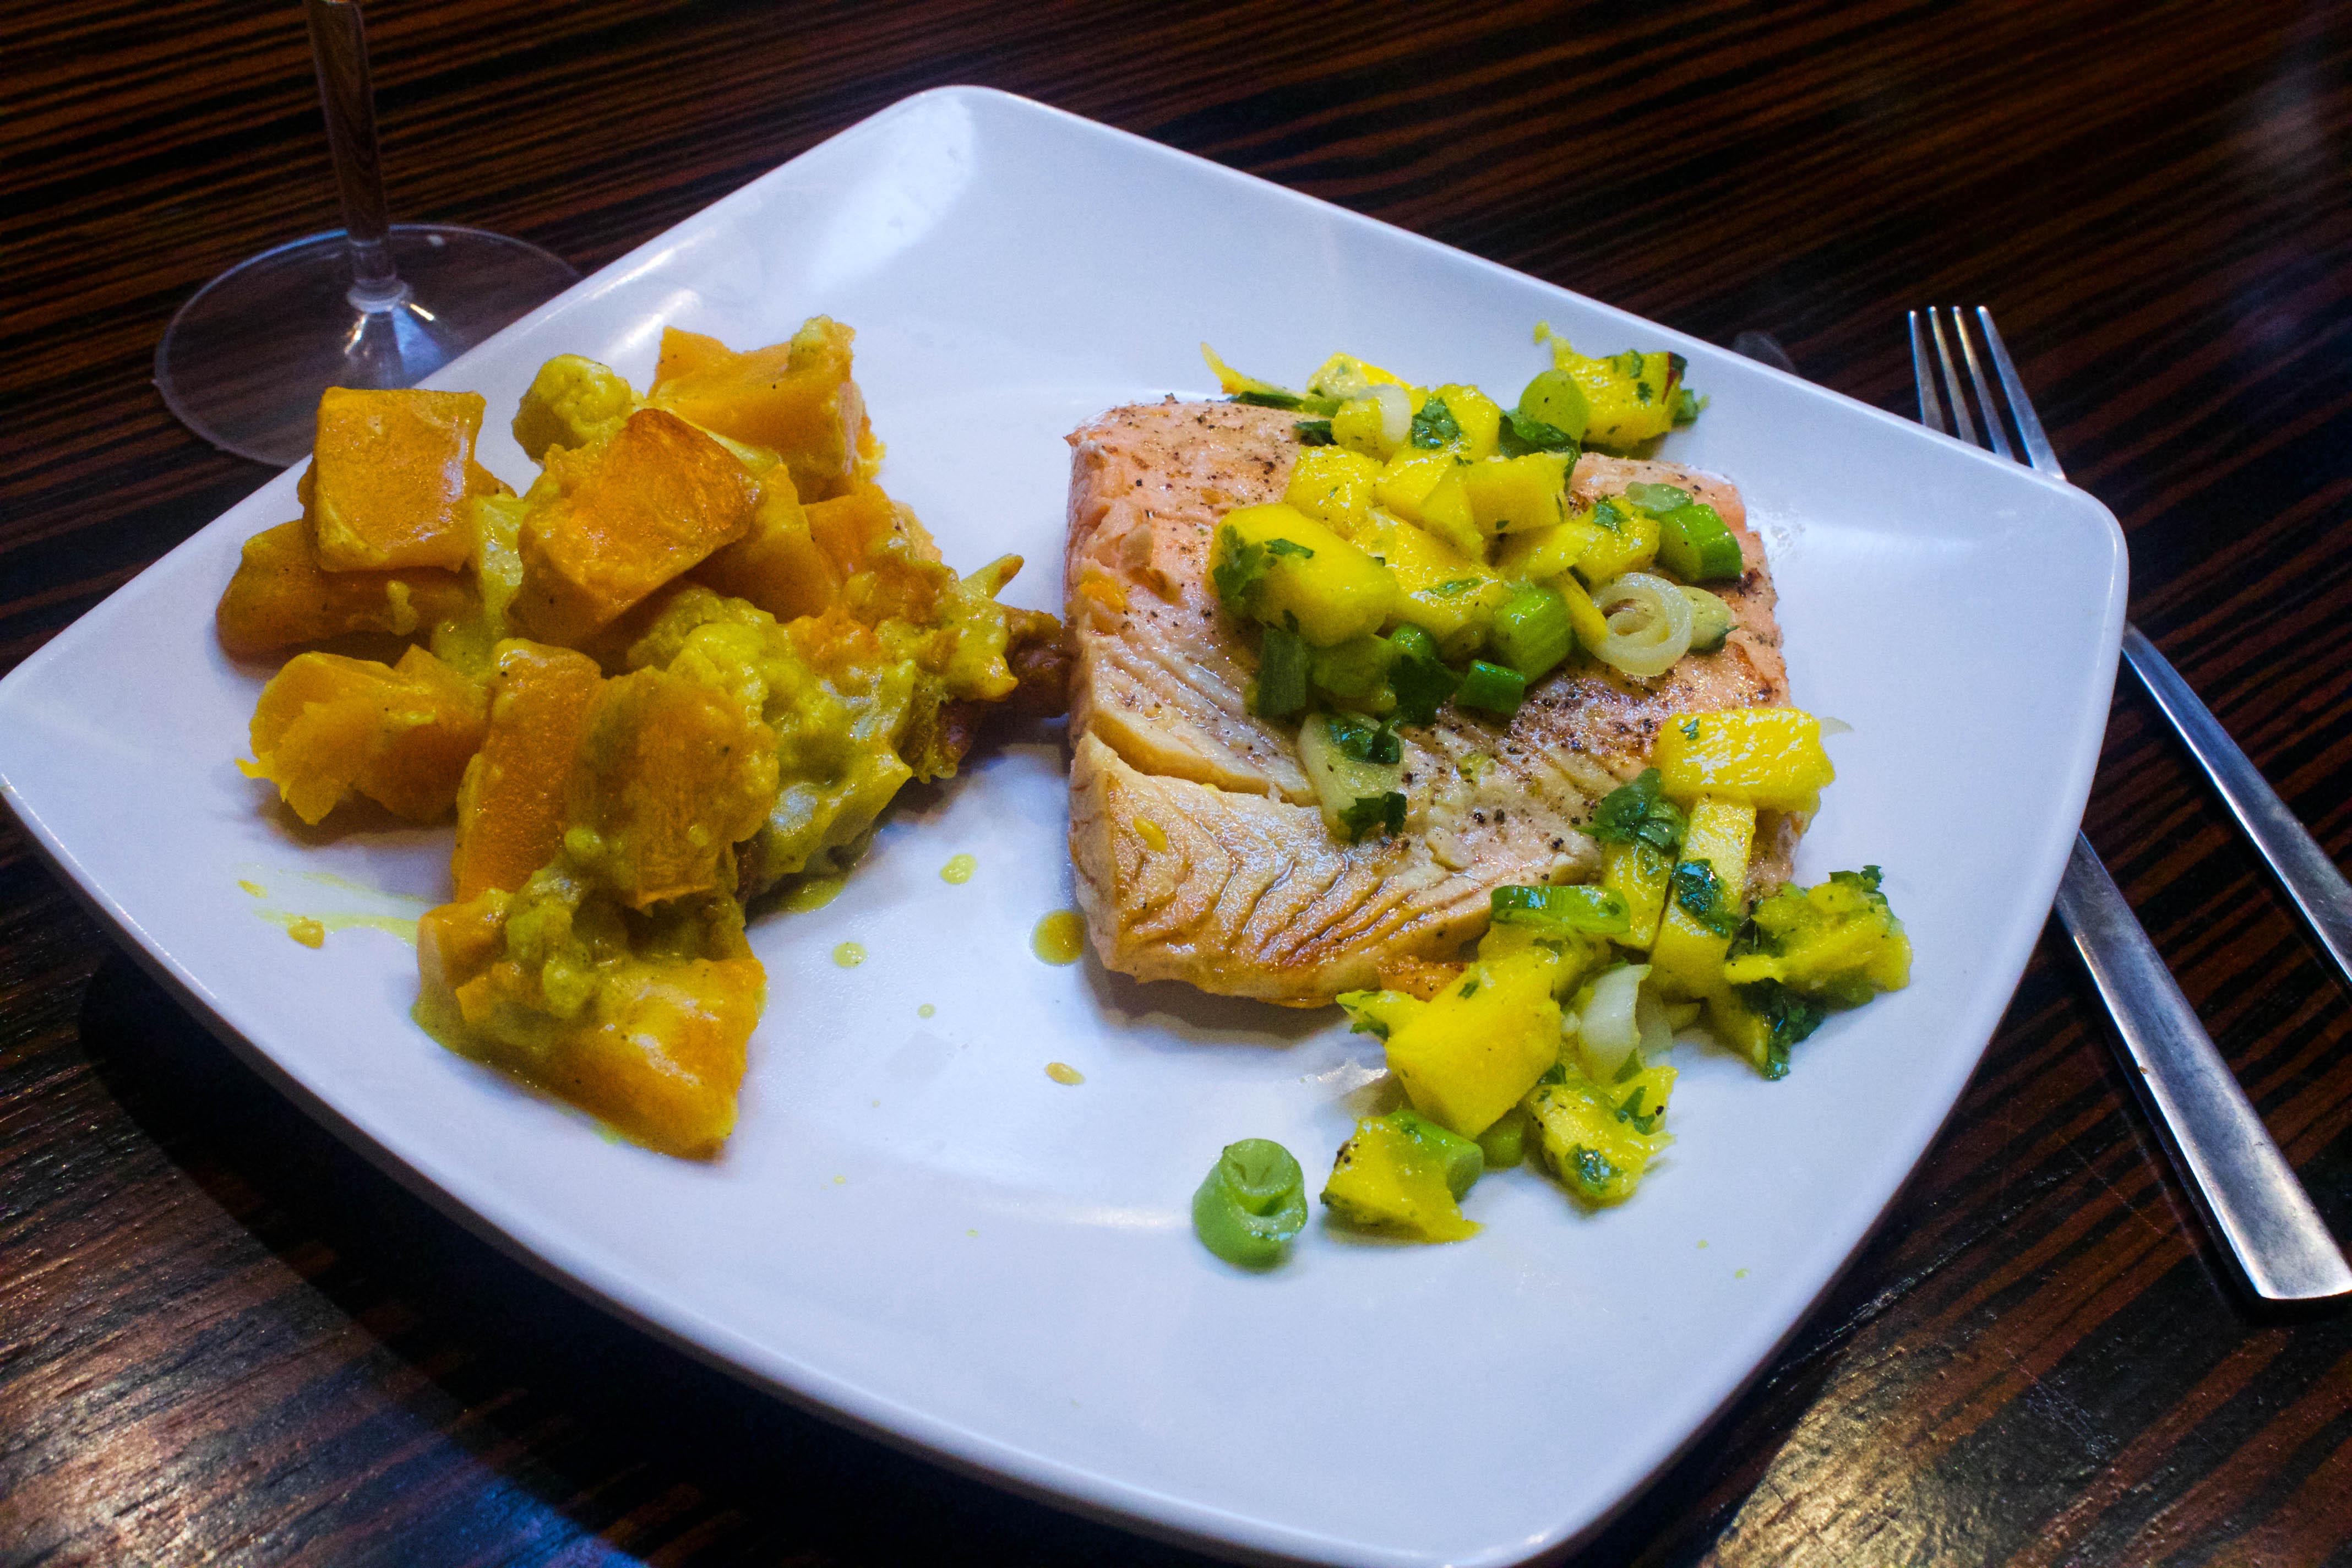 Saumon à la mangue et coriandre servis avec patates douces au curry